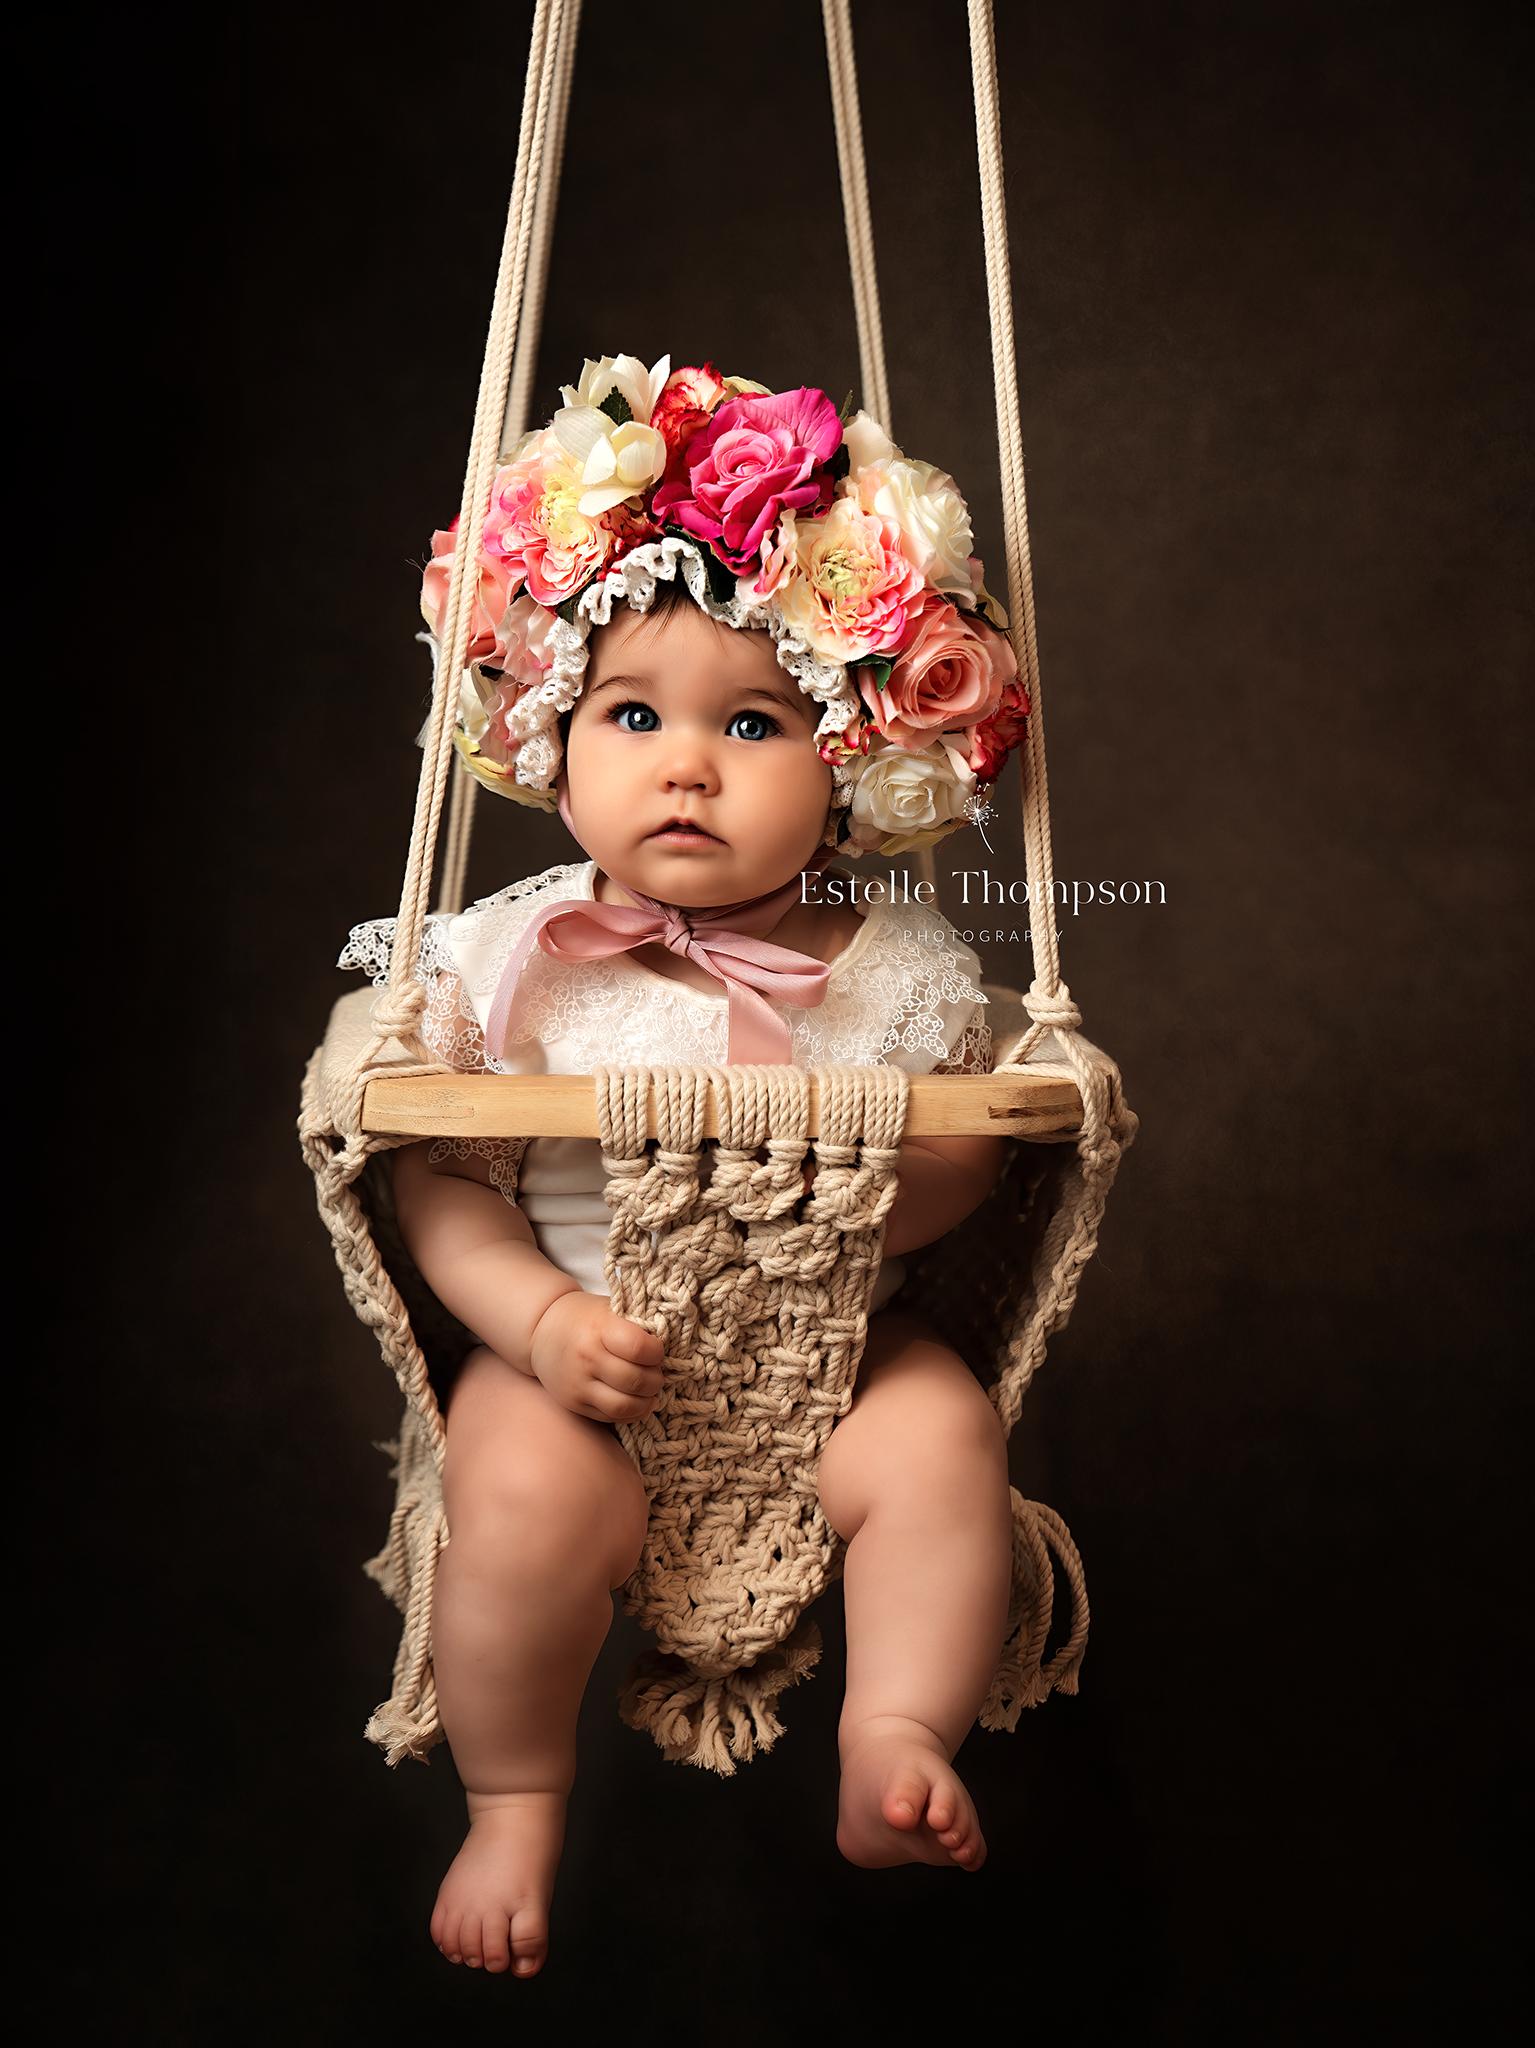 Baby in a swing in Sevenokas baby photographer studio